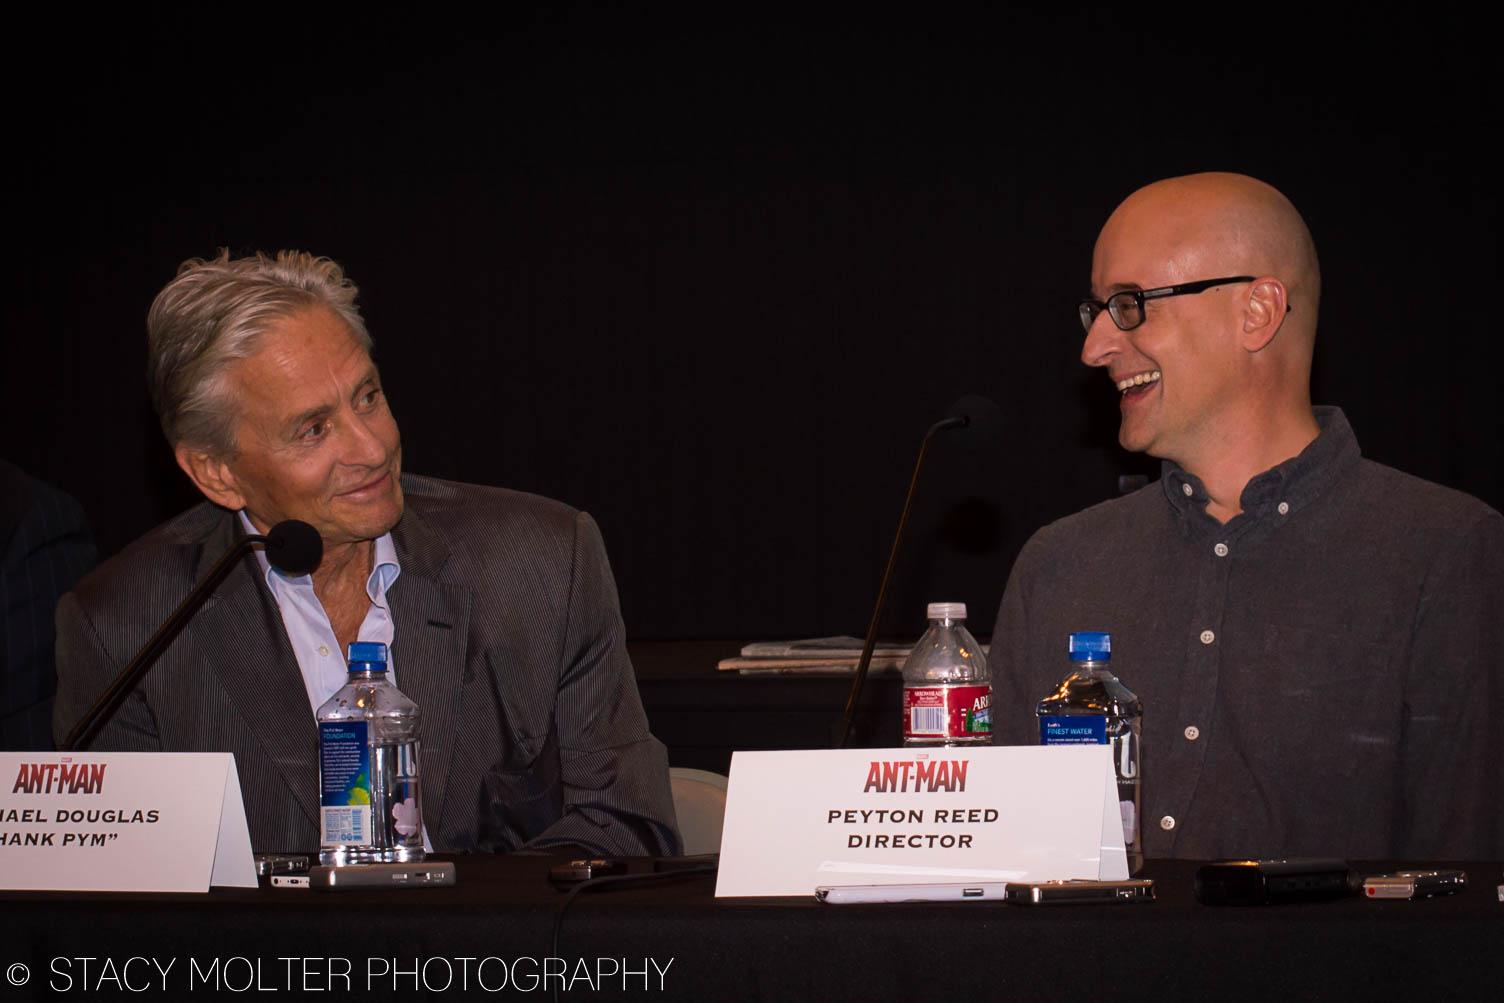 Michael Douglas, Peyton Reed - Ant-Man Press Conference